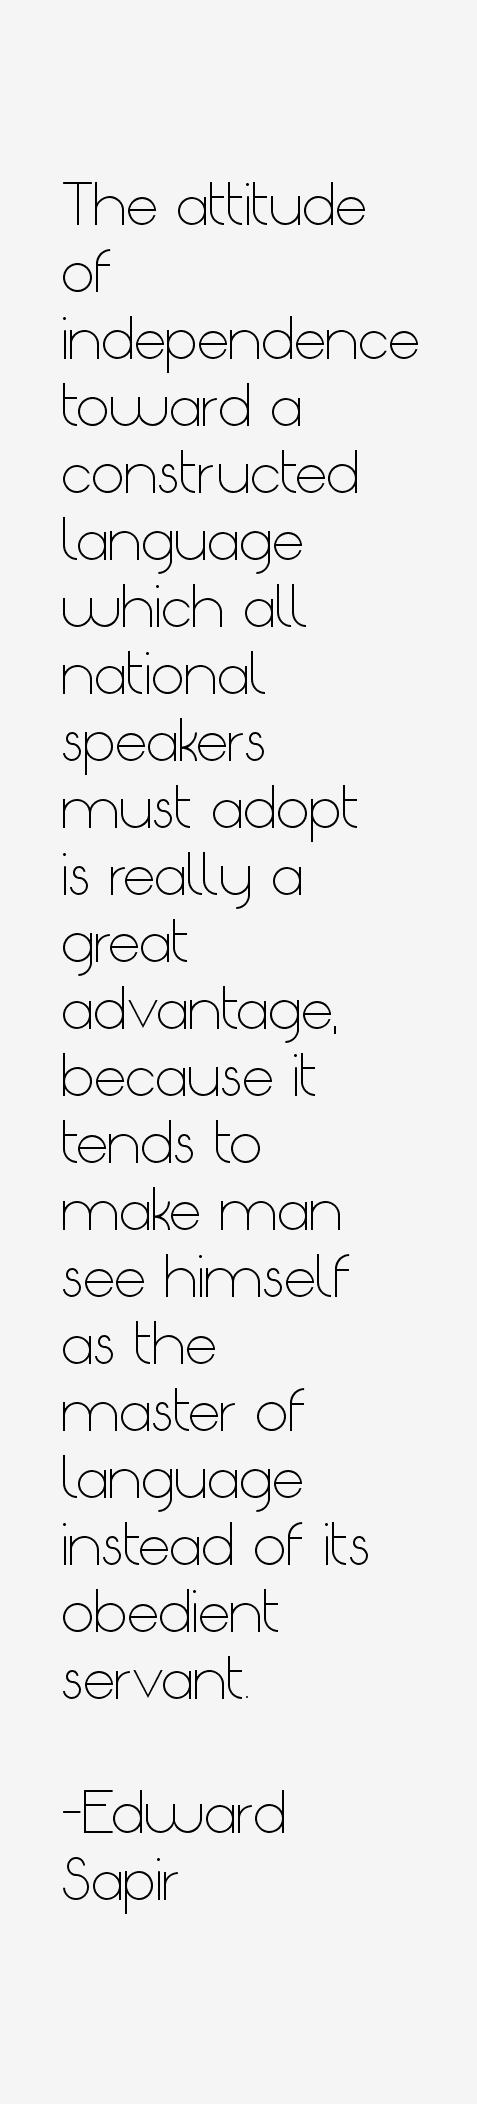 Edward Sapir Quotes